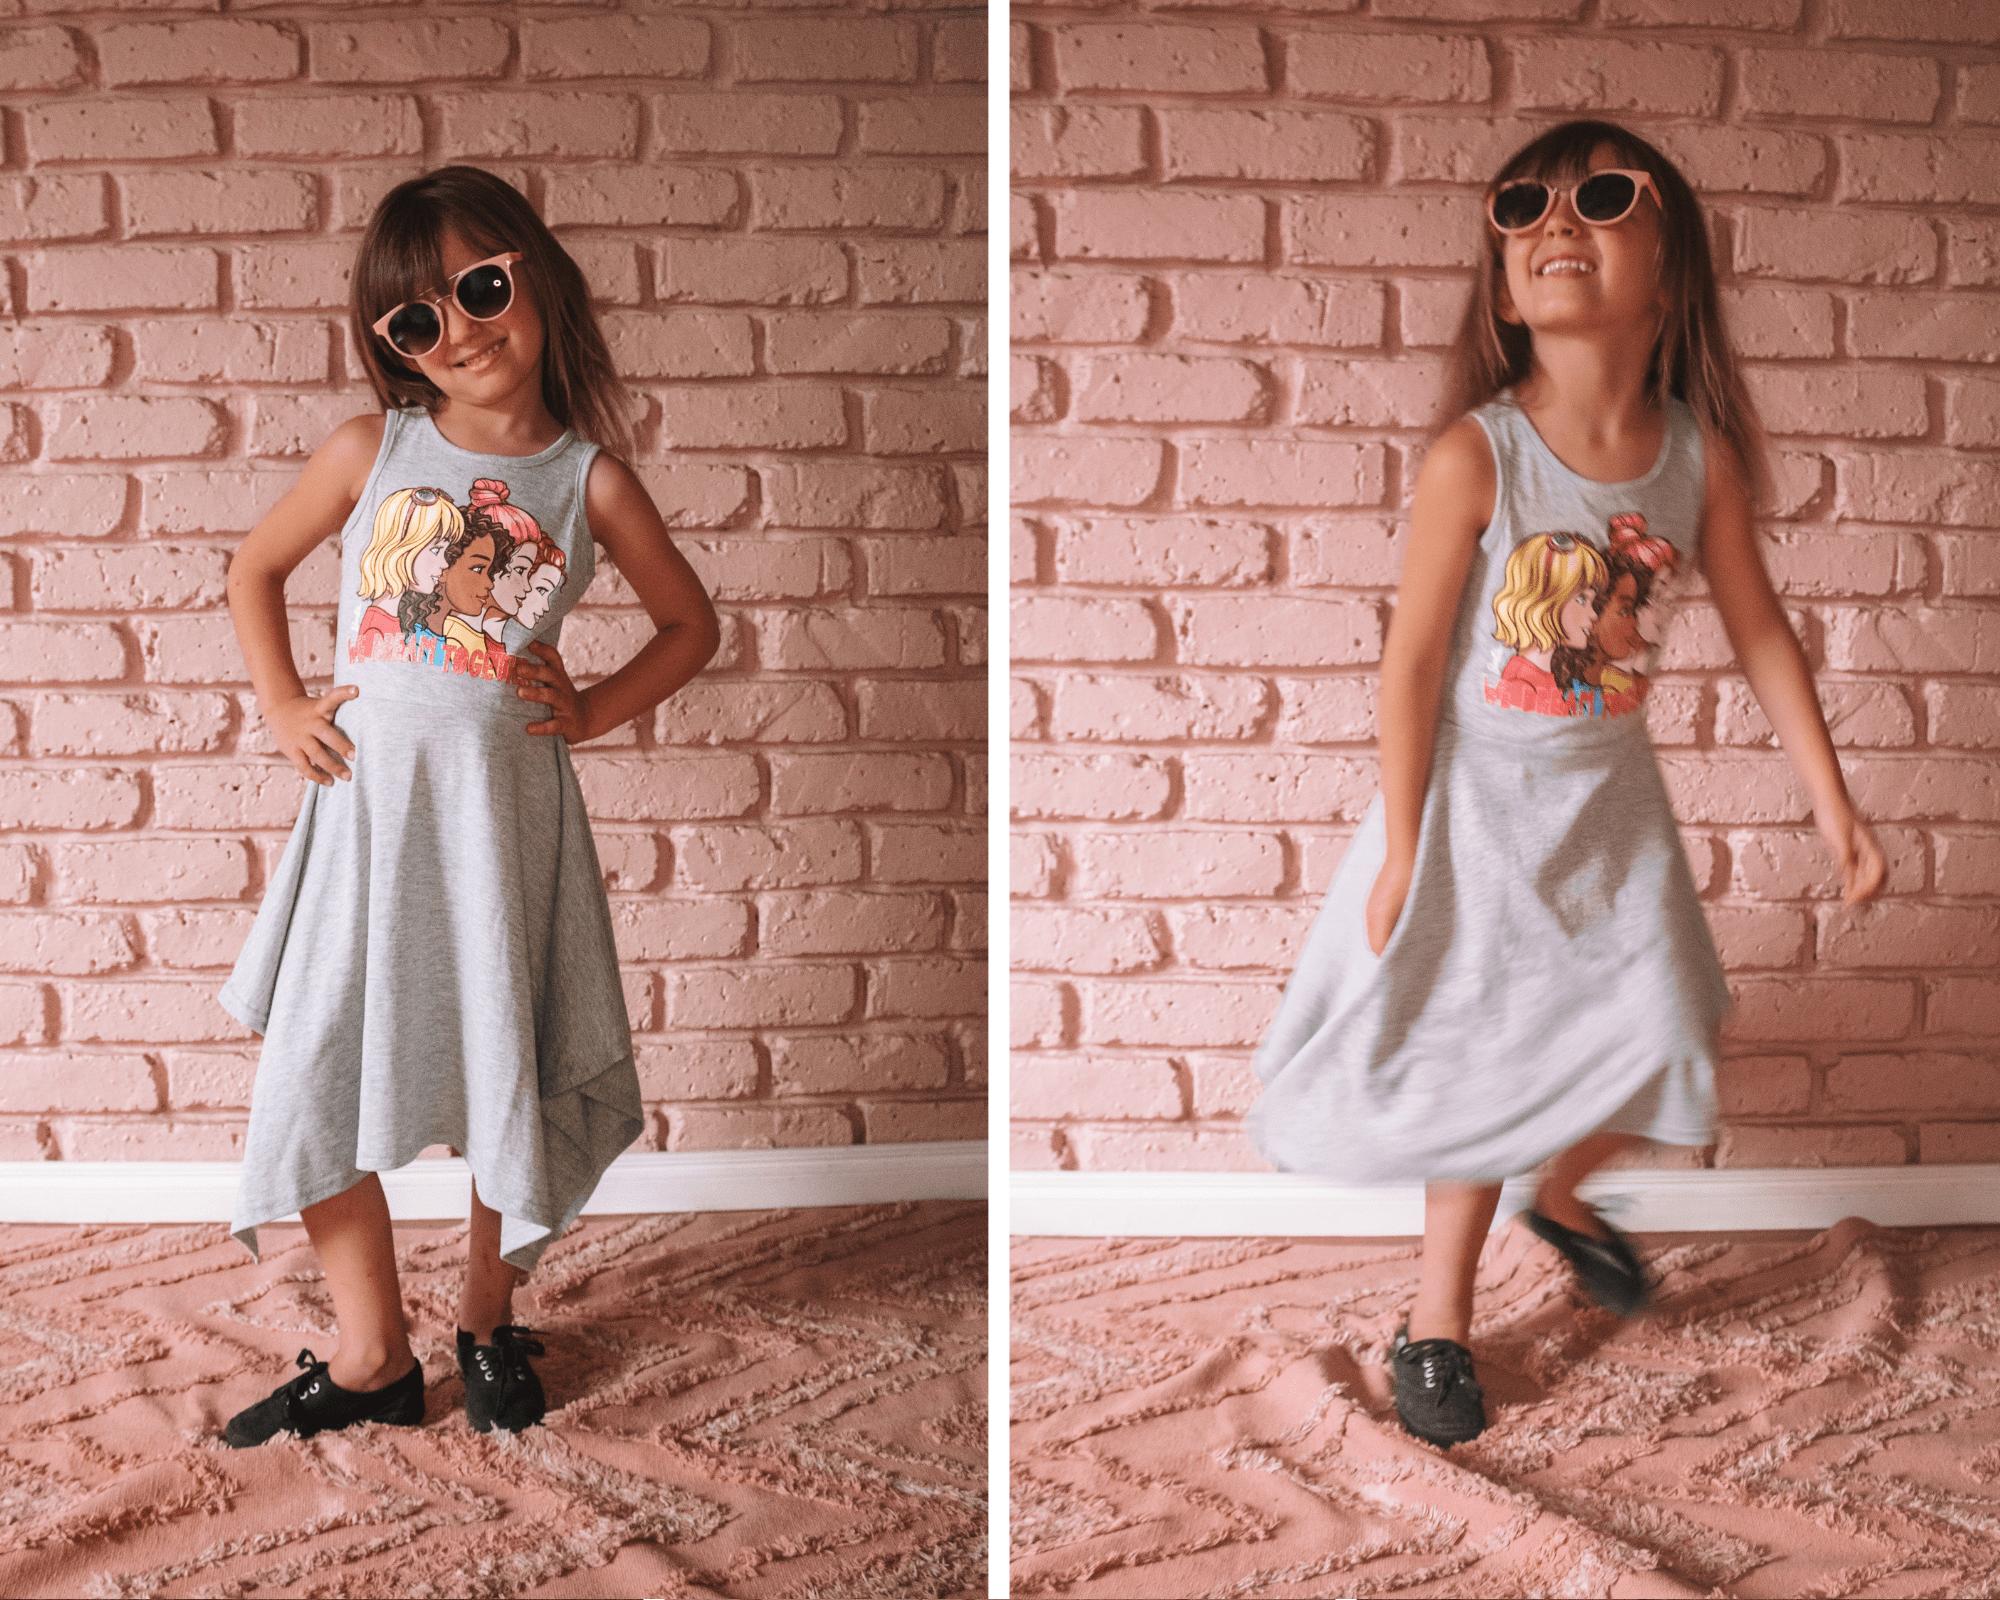 Barbie Dress For Little Girls